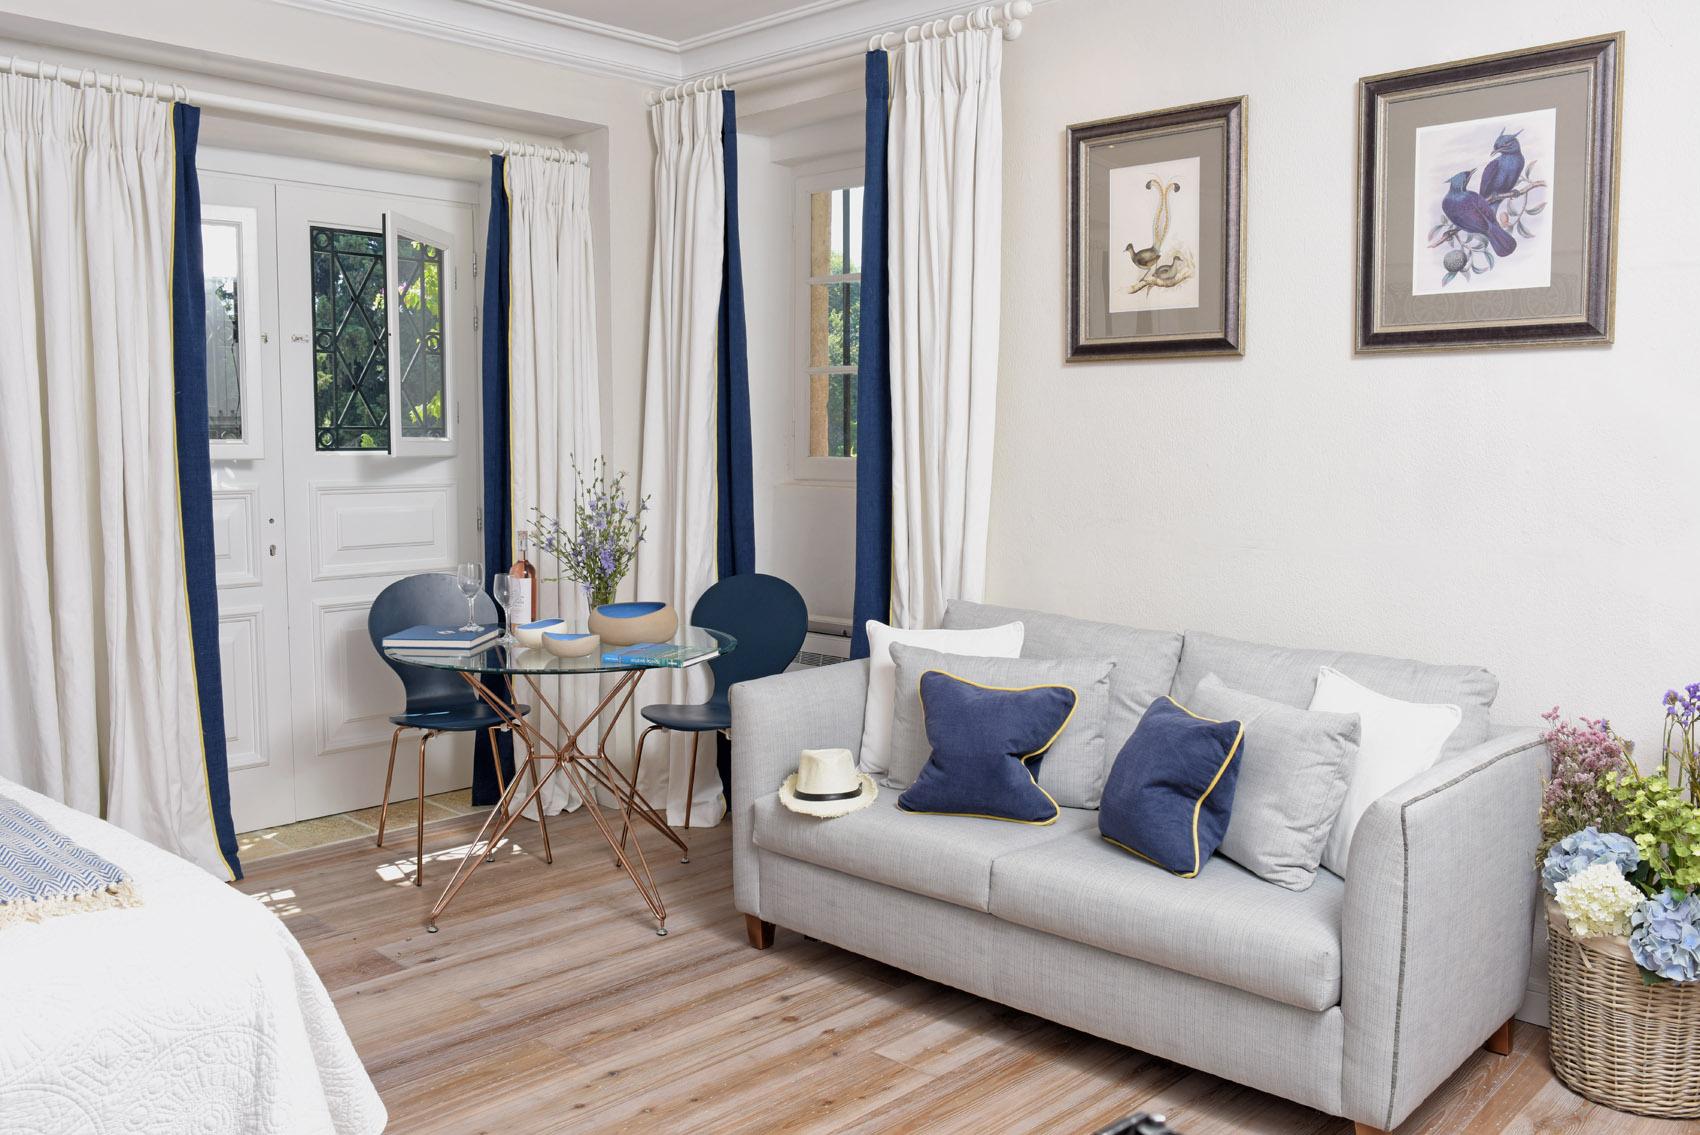 Liston suites Mon repos suite Corfu Kerkyra mykerkyra.com